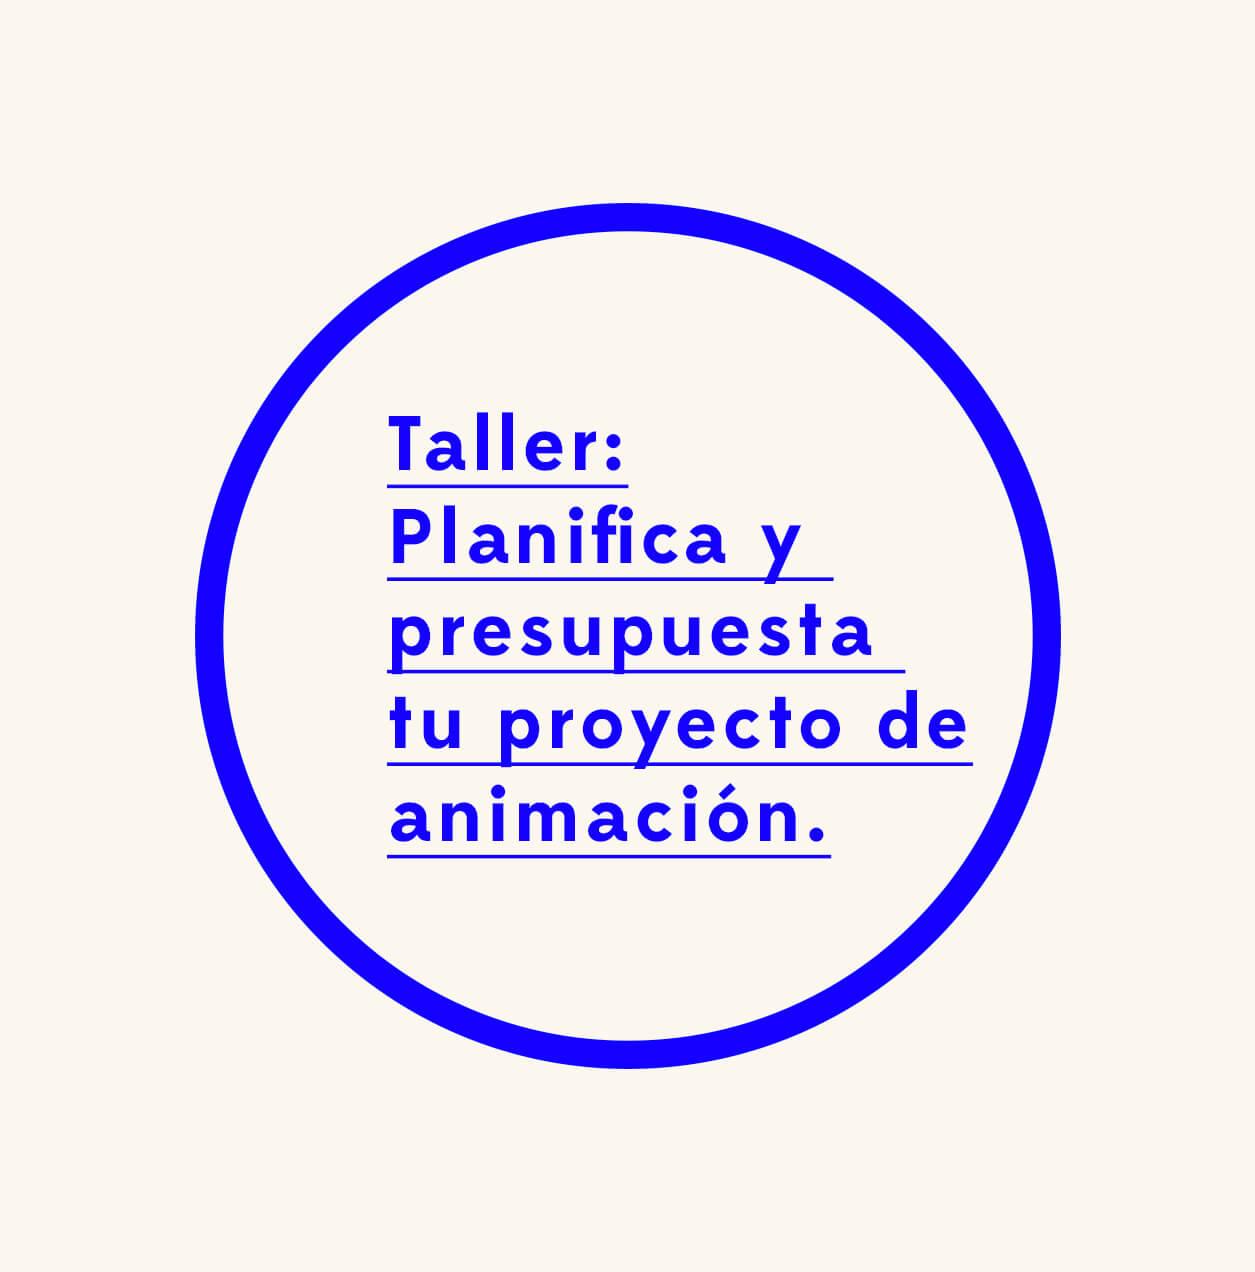 Taller iniciación online : Planifica y presupuesta tu proyecto de animación